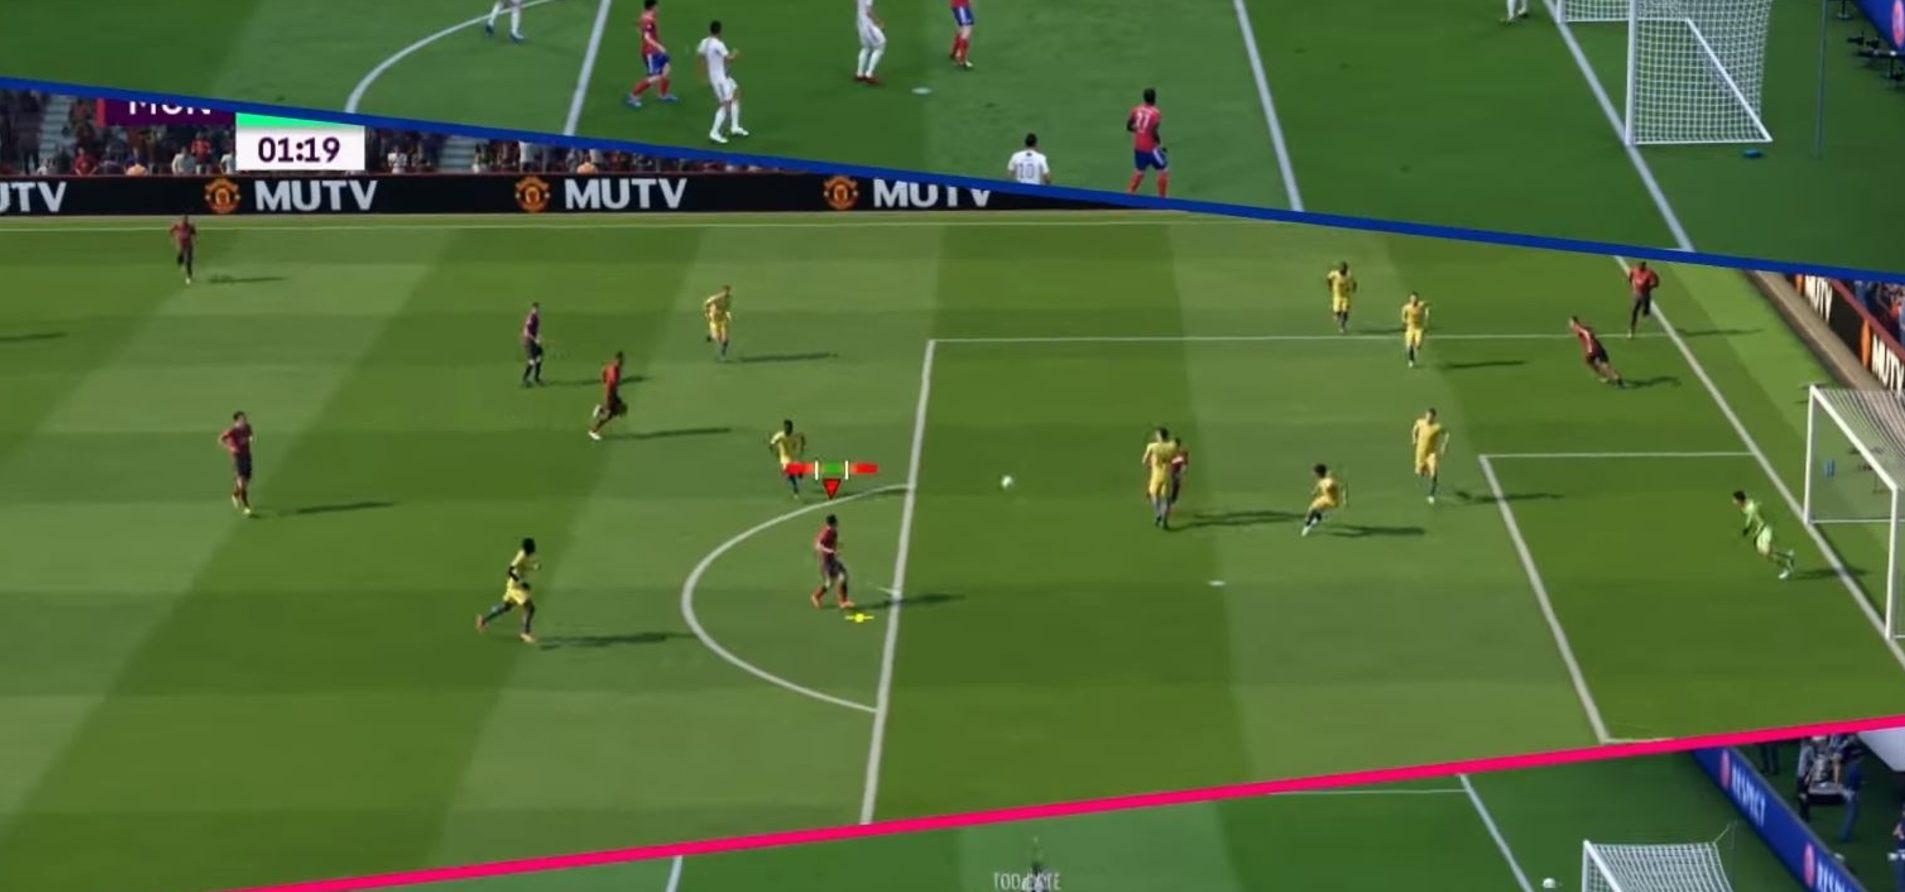 gameplay fifa19 e1537700036356 - FIFA o PES 19: Quali sono le novità per conquistare i players in questa nuova stagione